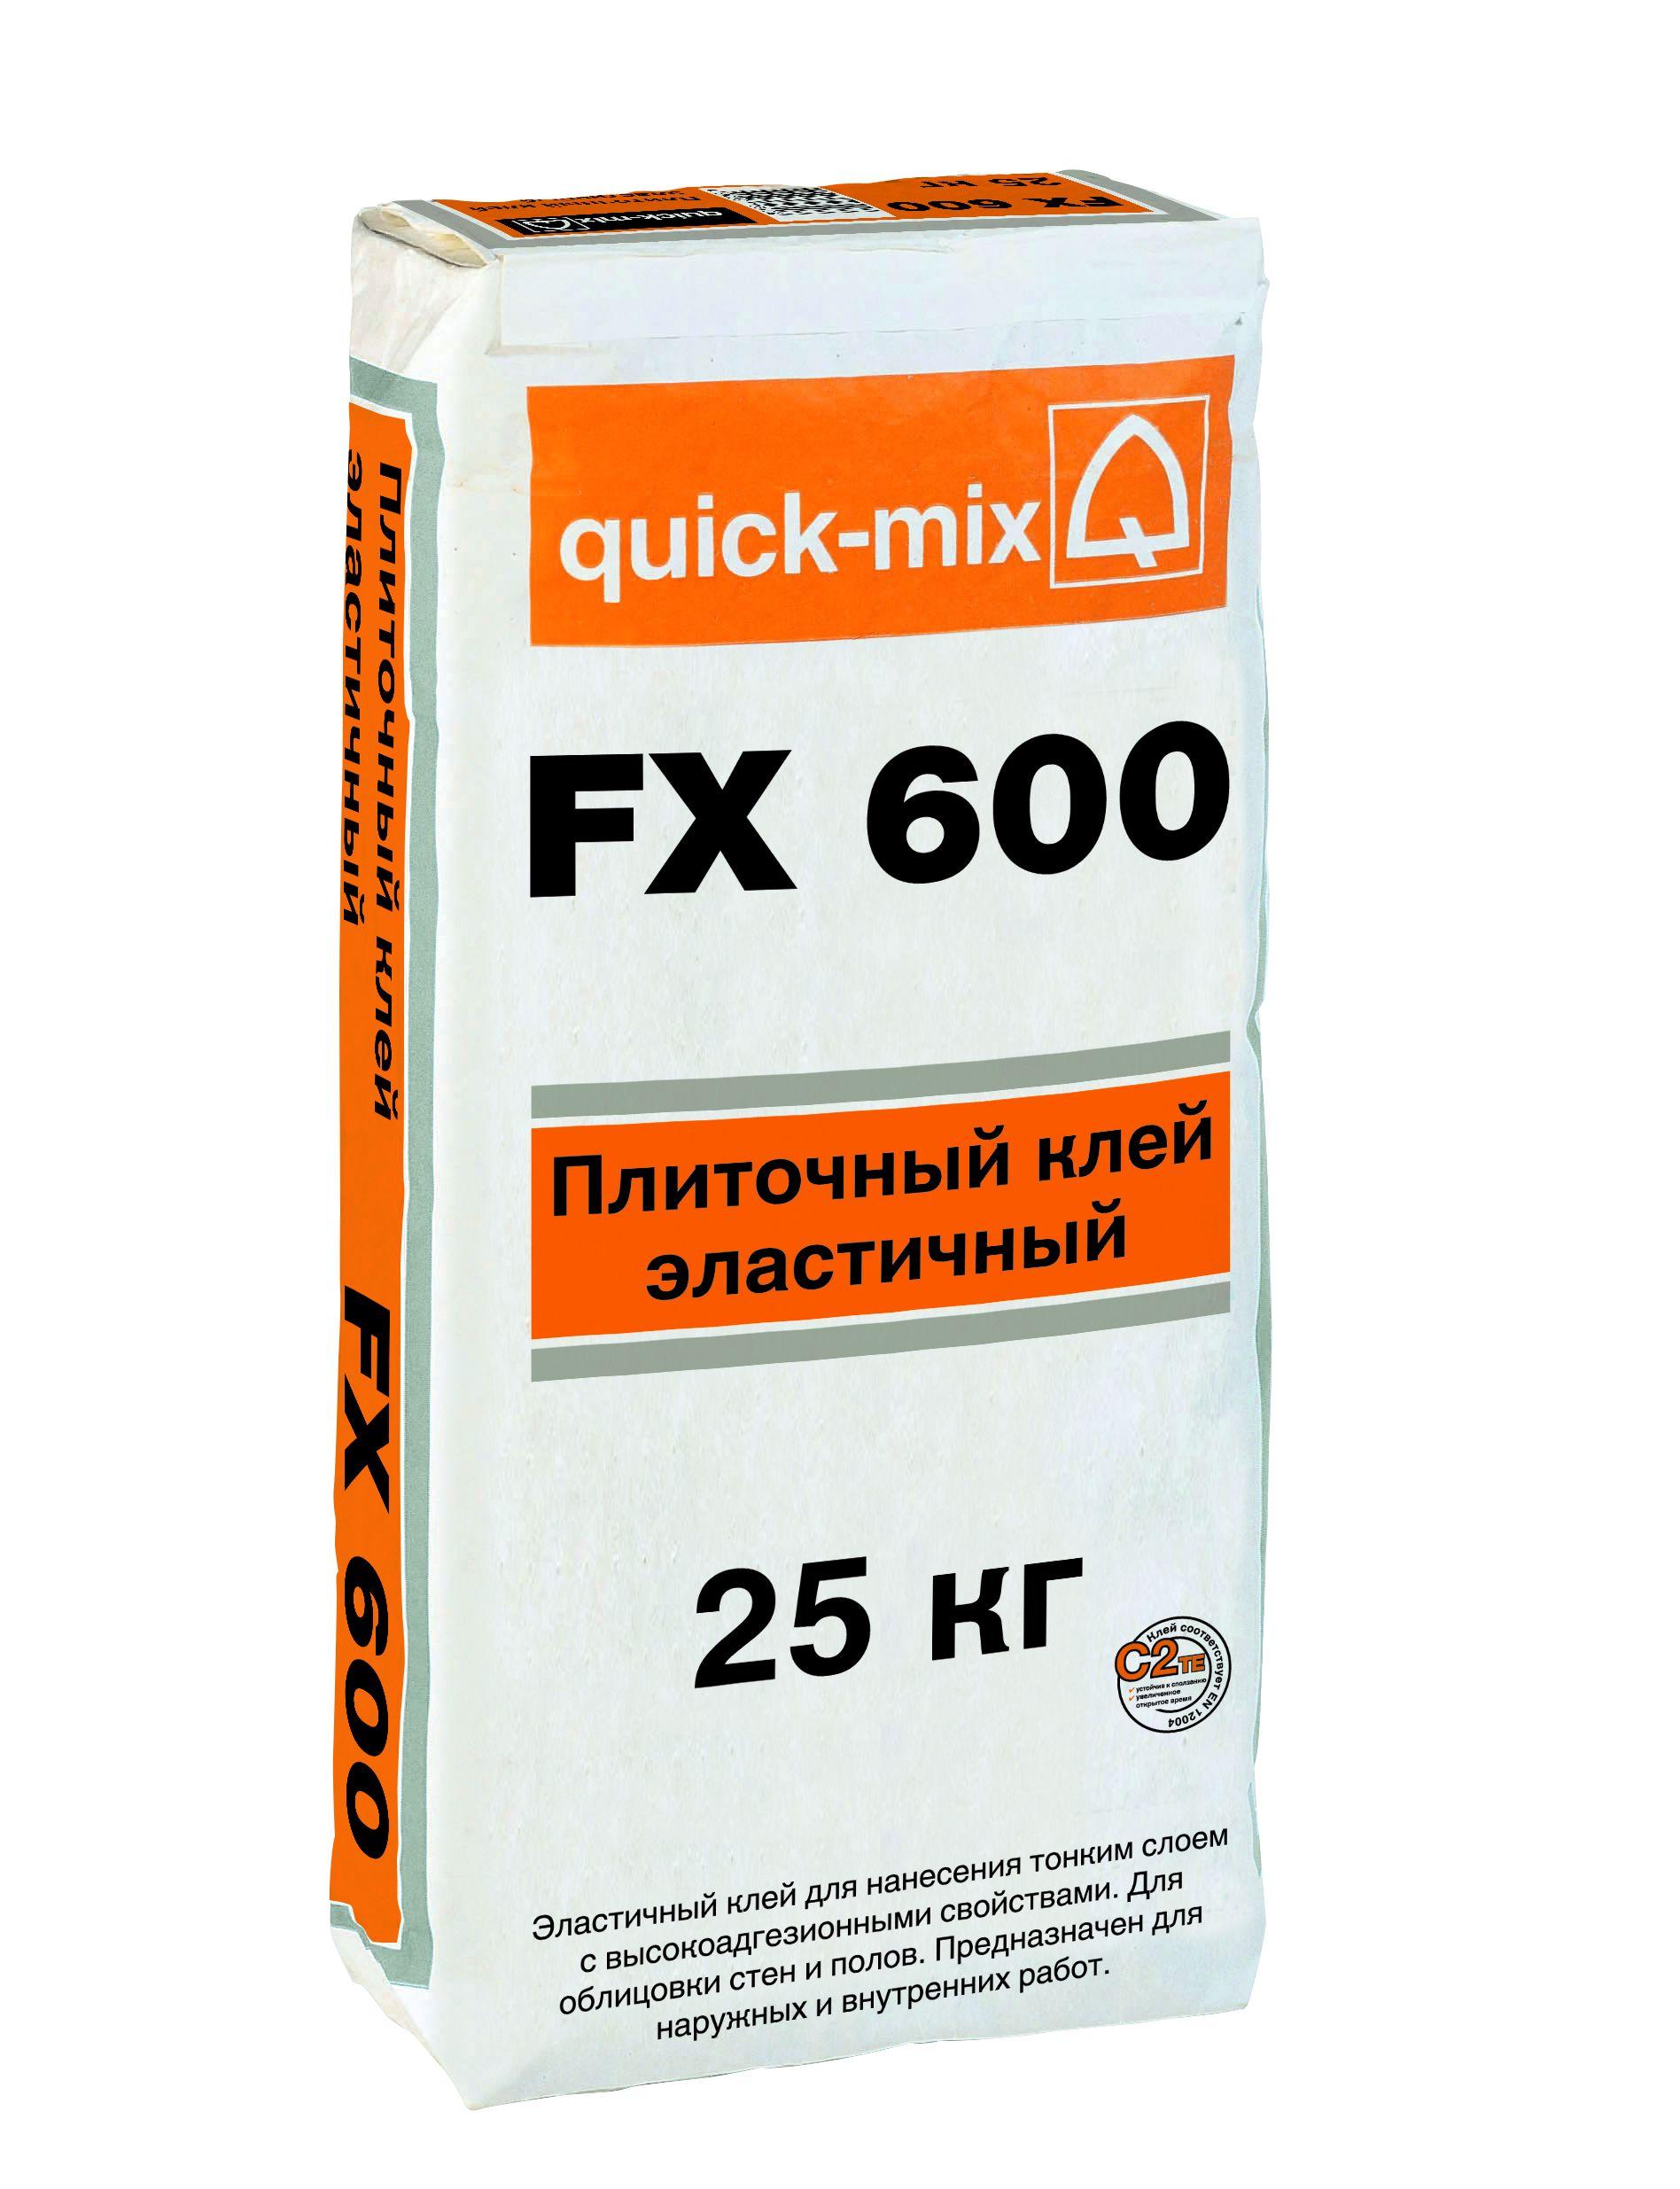 Плиточный клей FX 600